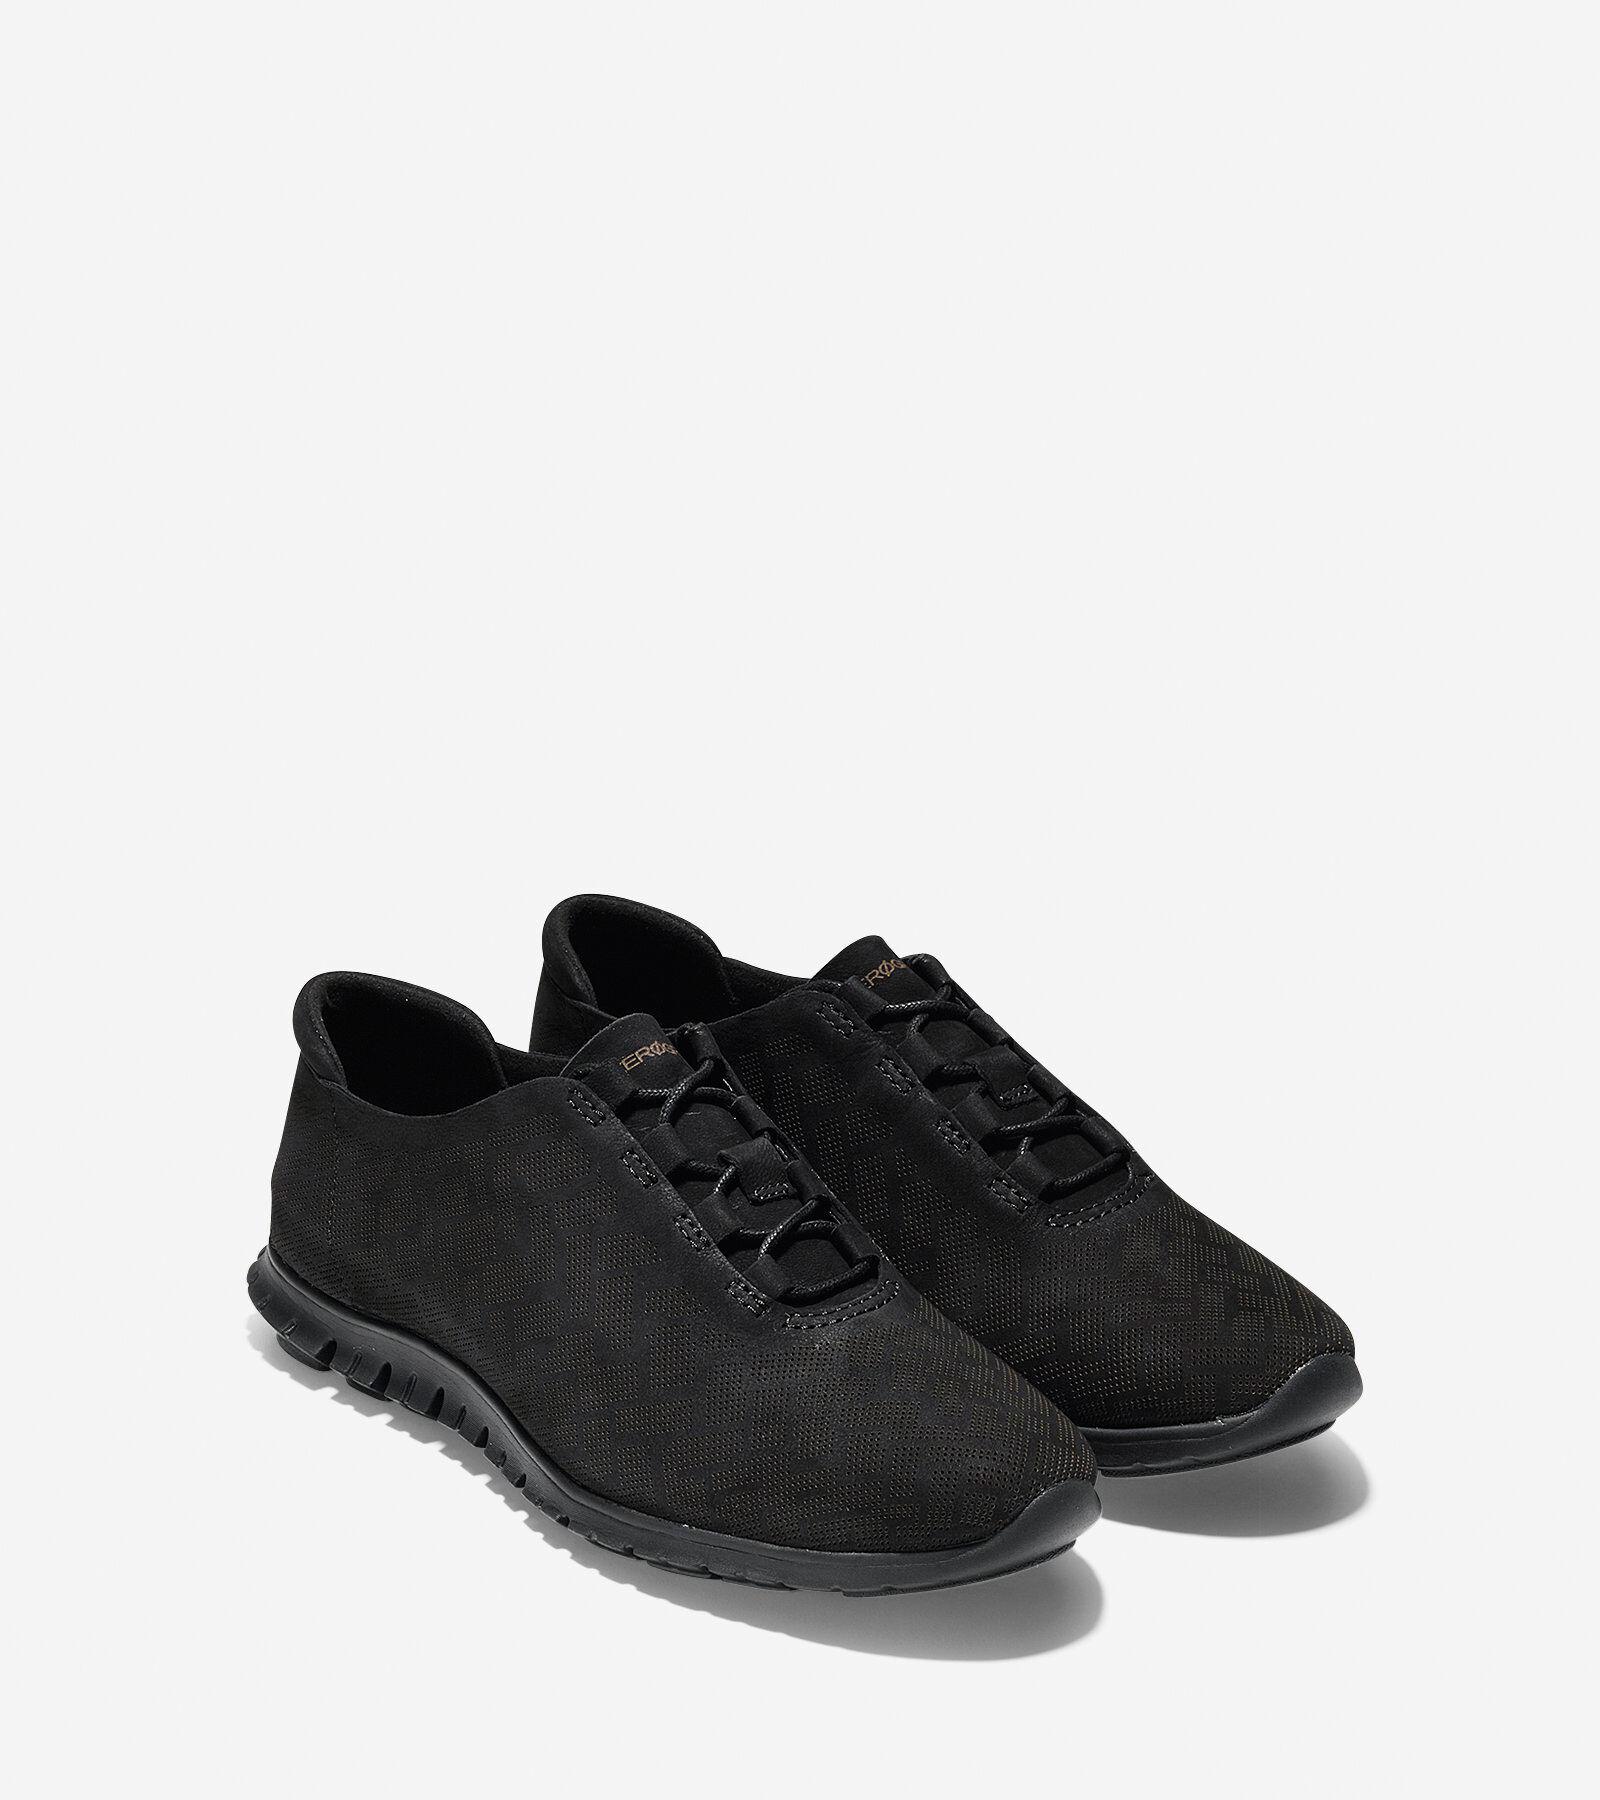 ... Women's ZERØGRAND Genevieve Perforated Sneaker; Women's ZERØGRAND  Genevieve Perforated Sneaker. #colehaan